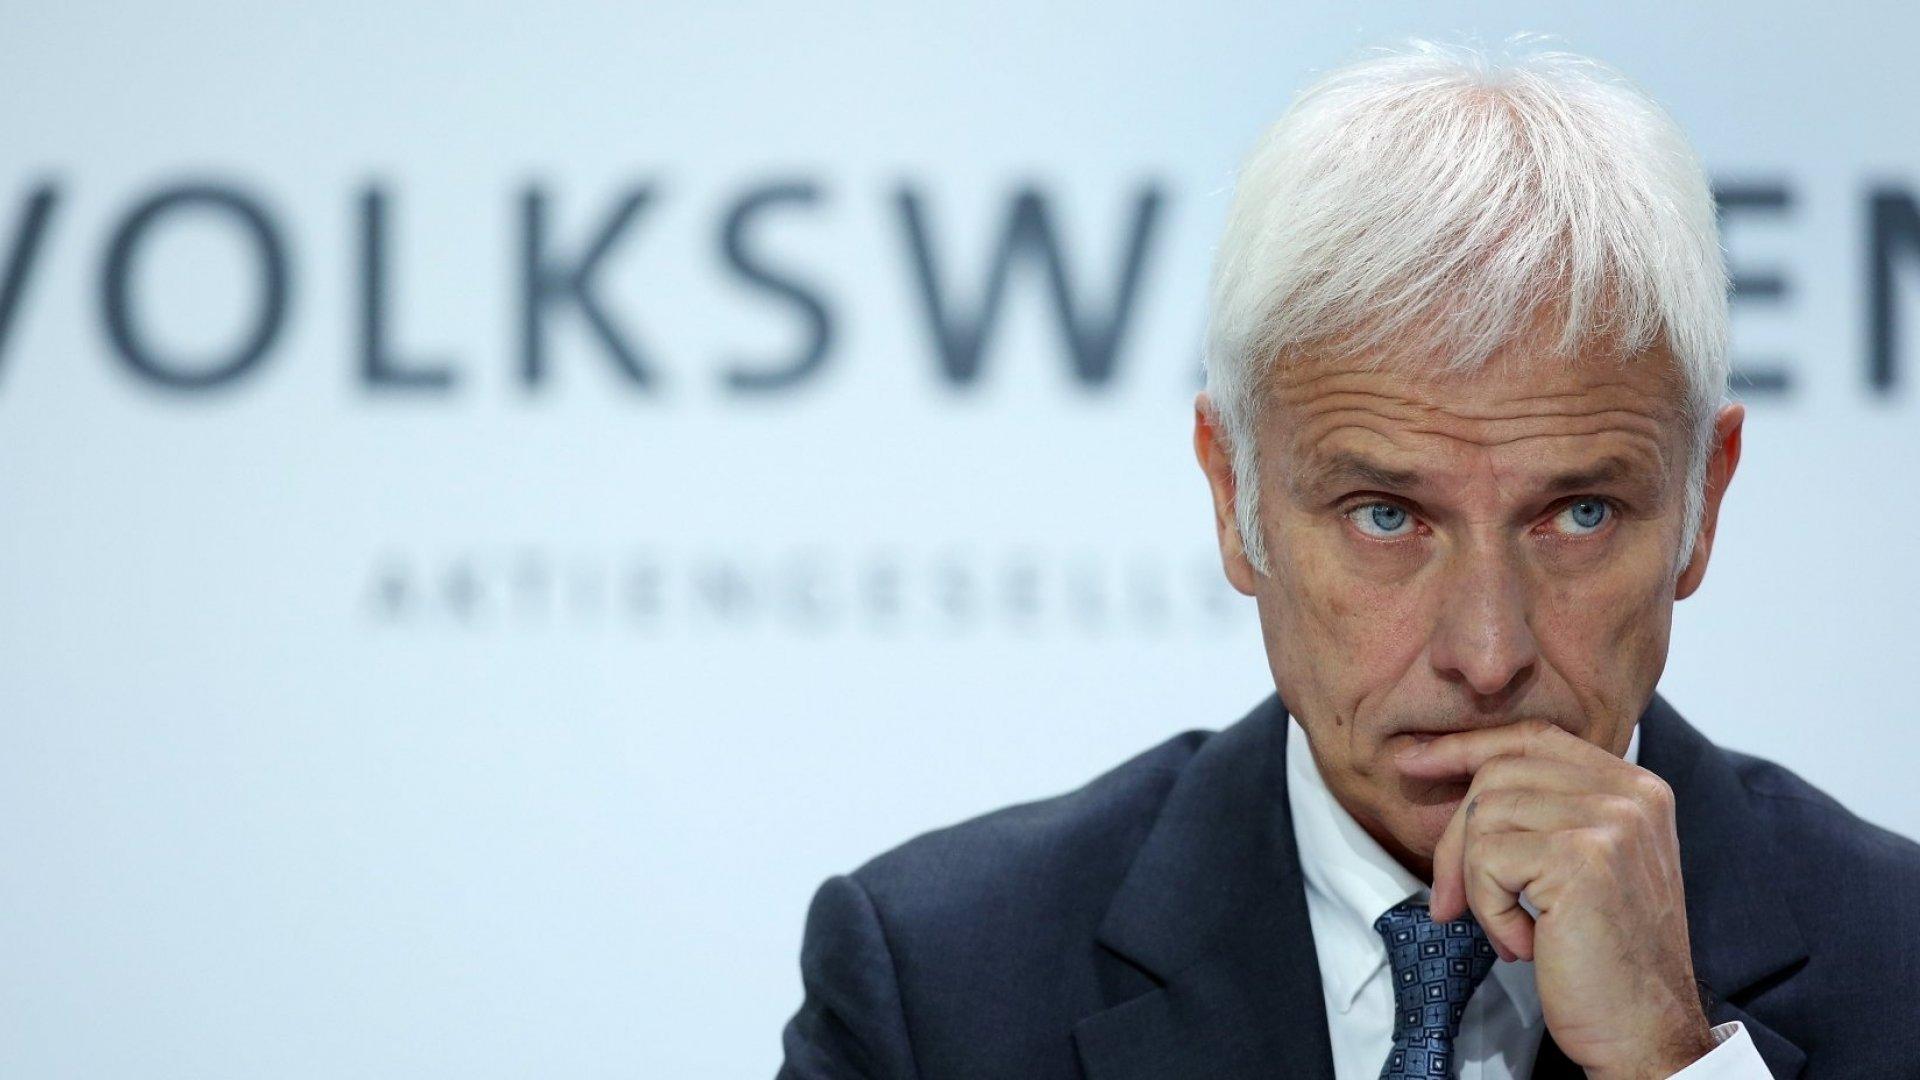 Volkswagen CEO Matthias Müller.